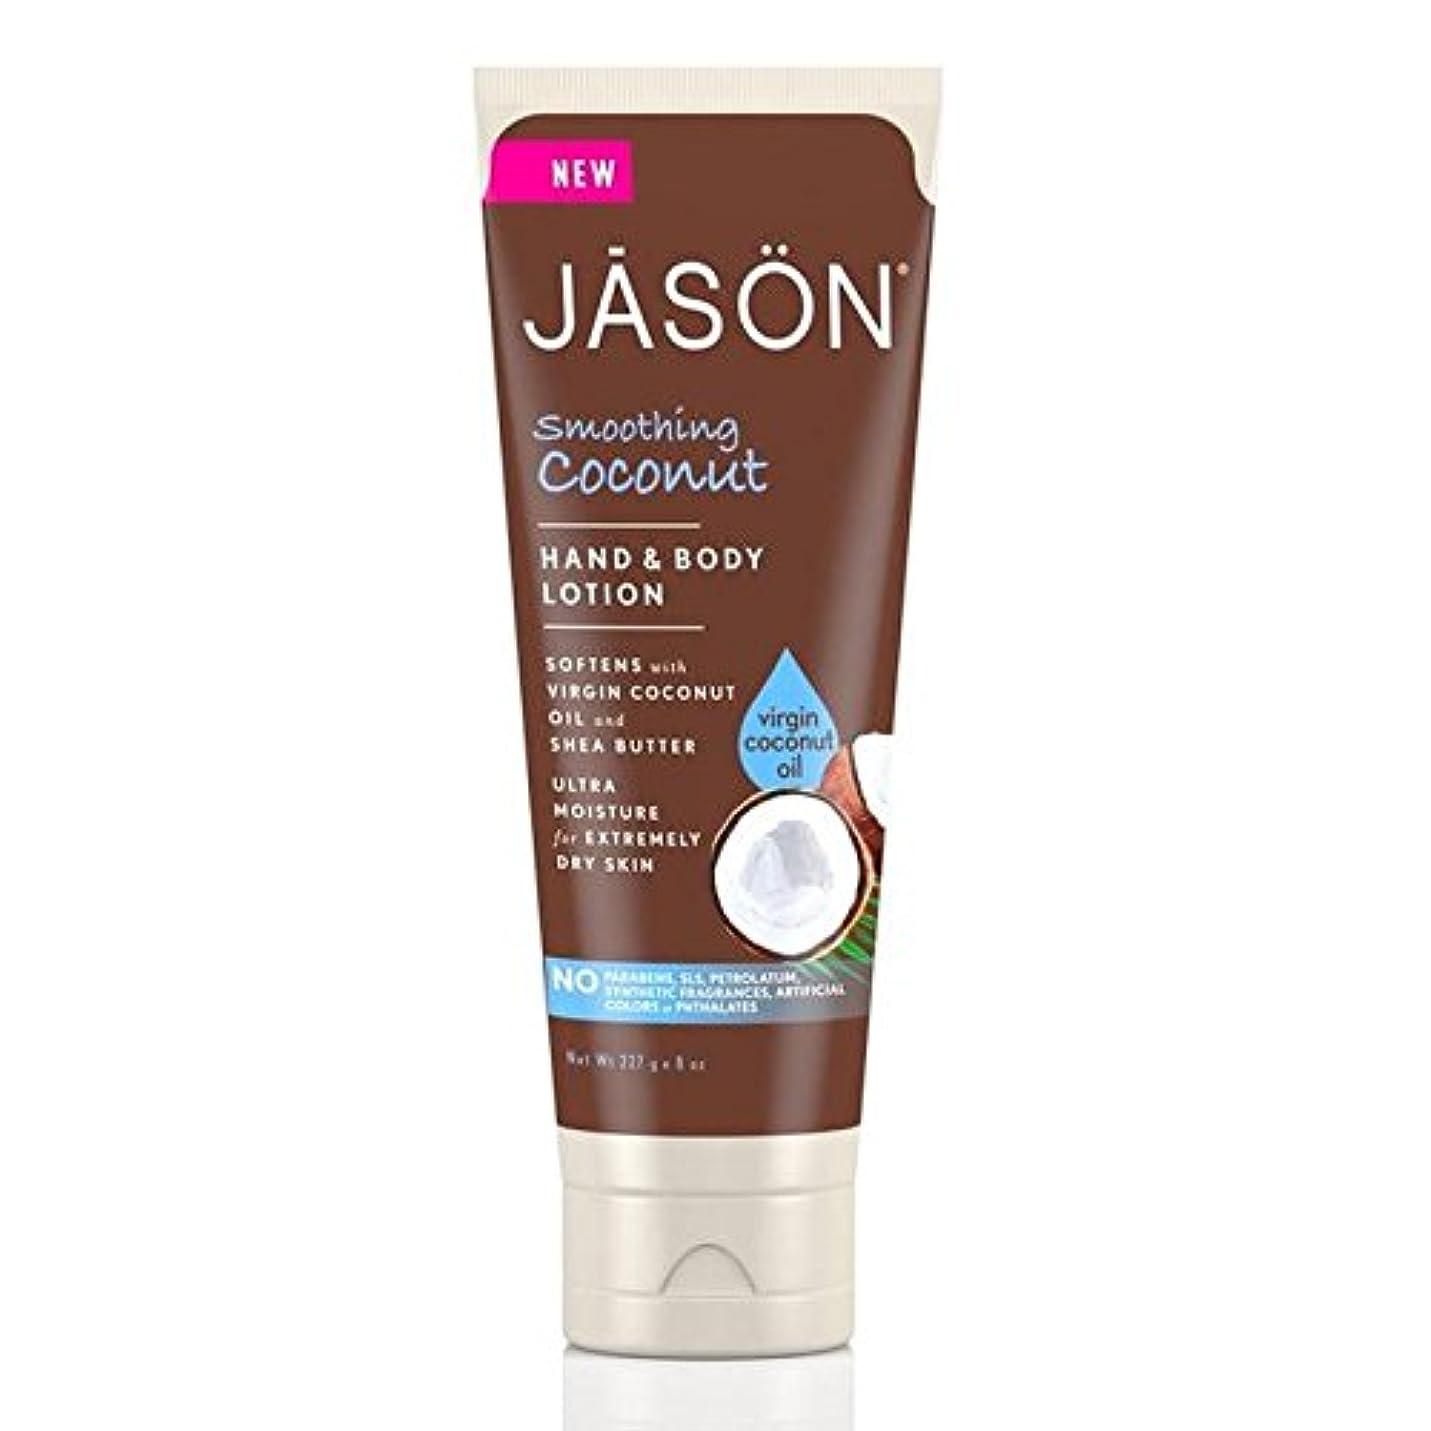 容器ヒギンズ有名人Jason Coconut Hand & Body Lotion 227g (Pack of 6) - ジェイソン?ココナッツハンド&ボディローション227グラム x6 [並行輸入品]